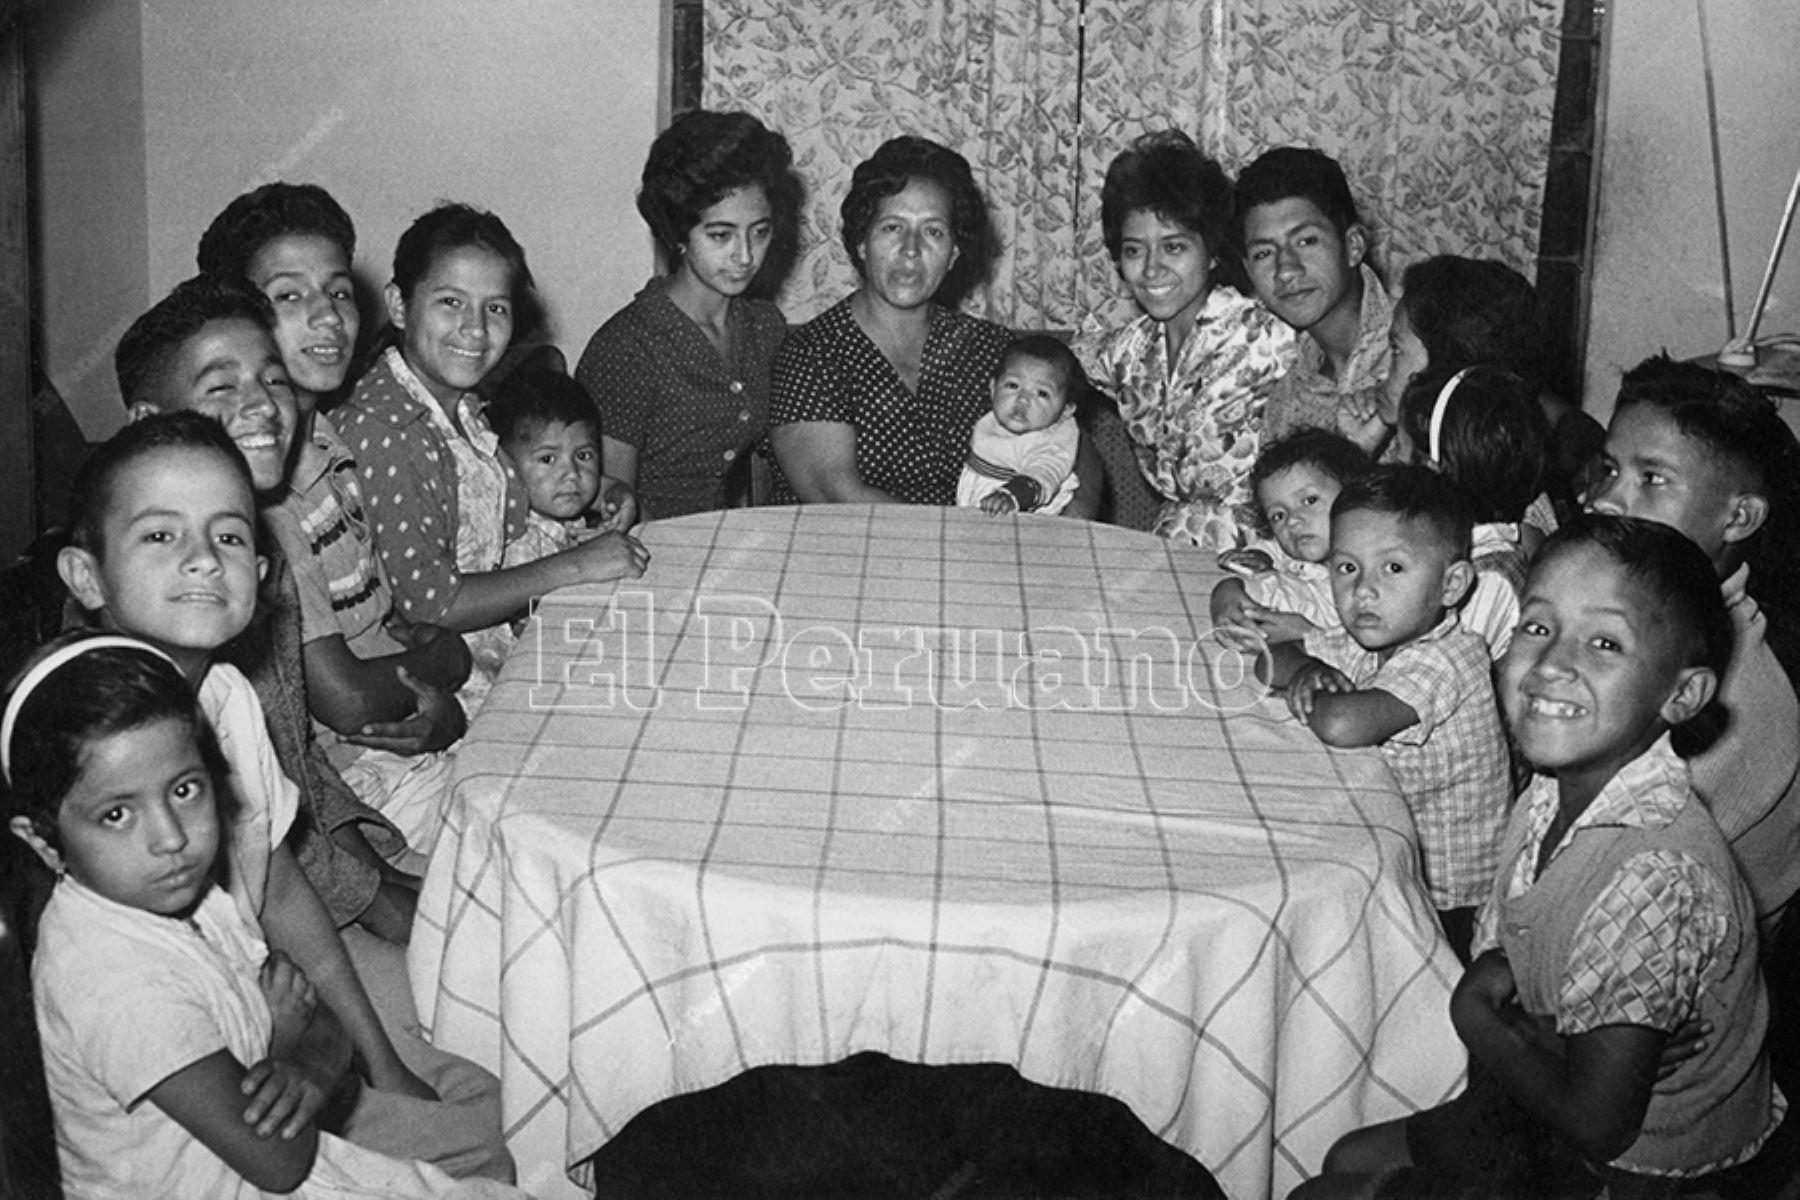 Lima -  11 mayo 11 mayo 1962 / La señora Emma Ortecho de Cisneros, natural de Santiago de Chuco,  madre de 18 hijos. La mayor de sus hijas tiene 25 años y la menor apenas 4 meses. Doña Emma tiene 42 años y vive en Surco.  Será homenajeada en el Día de la Madre. Foto: Archivo Histórico de El Peruano